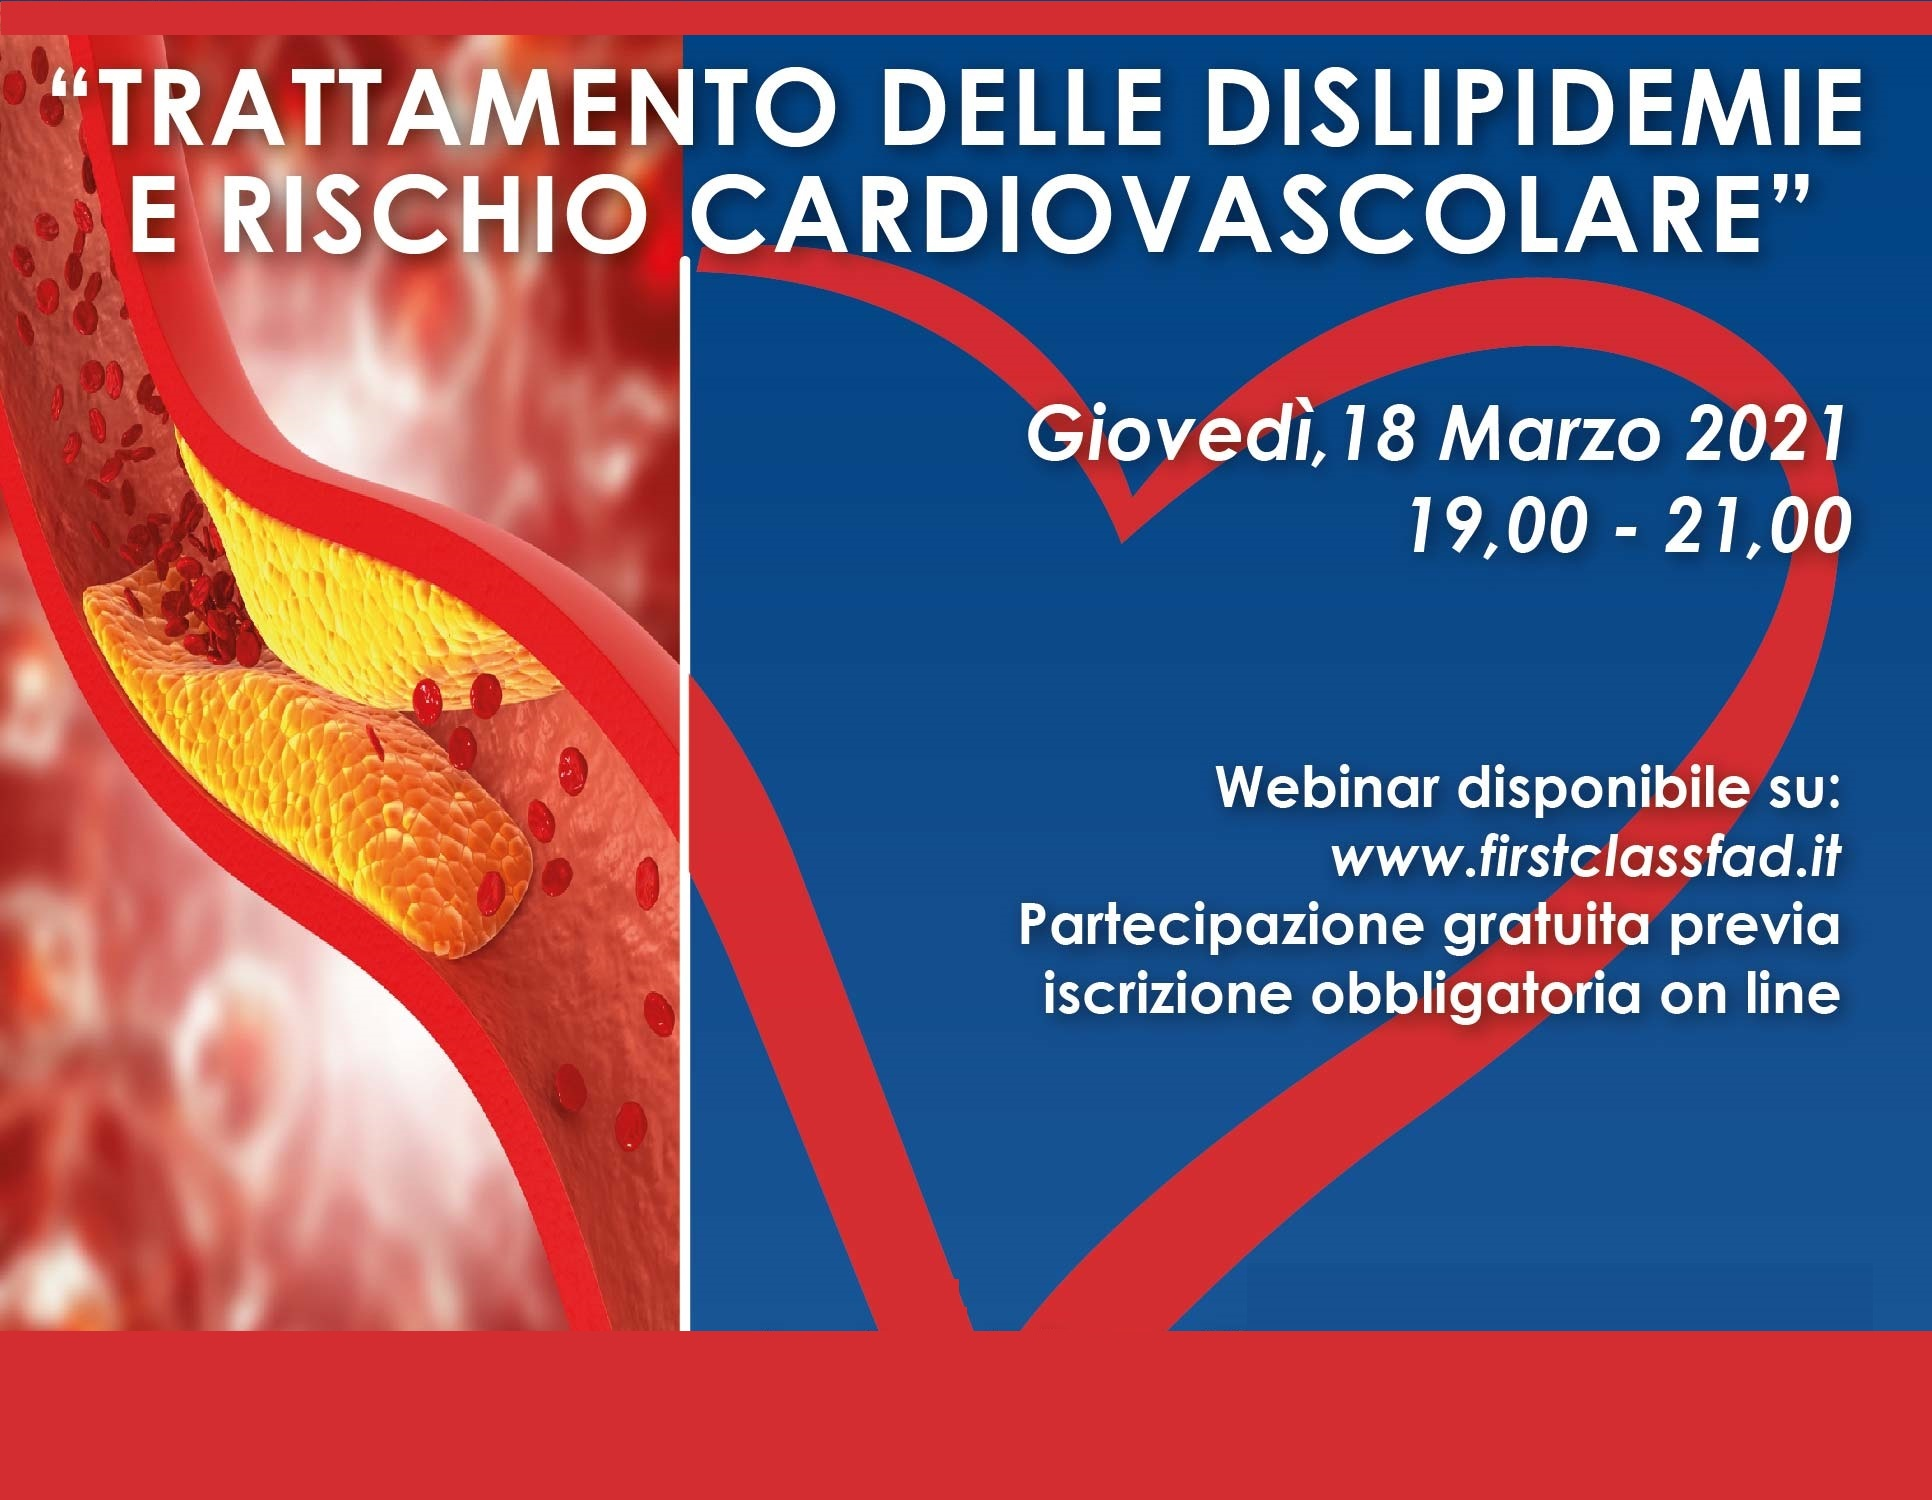 Course Image TRATTAMENTO DELLE DISLIPIDEMIE E RISCHIO CARDIOVASCOLARE